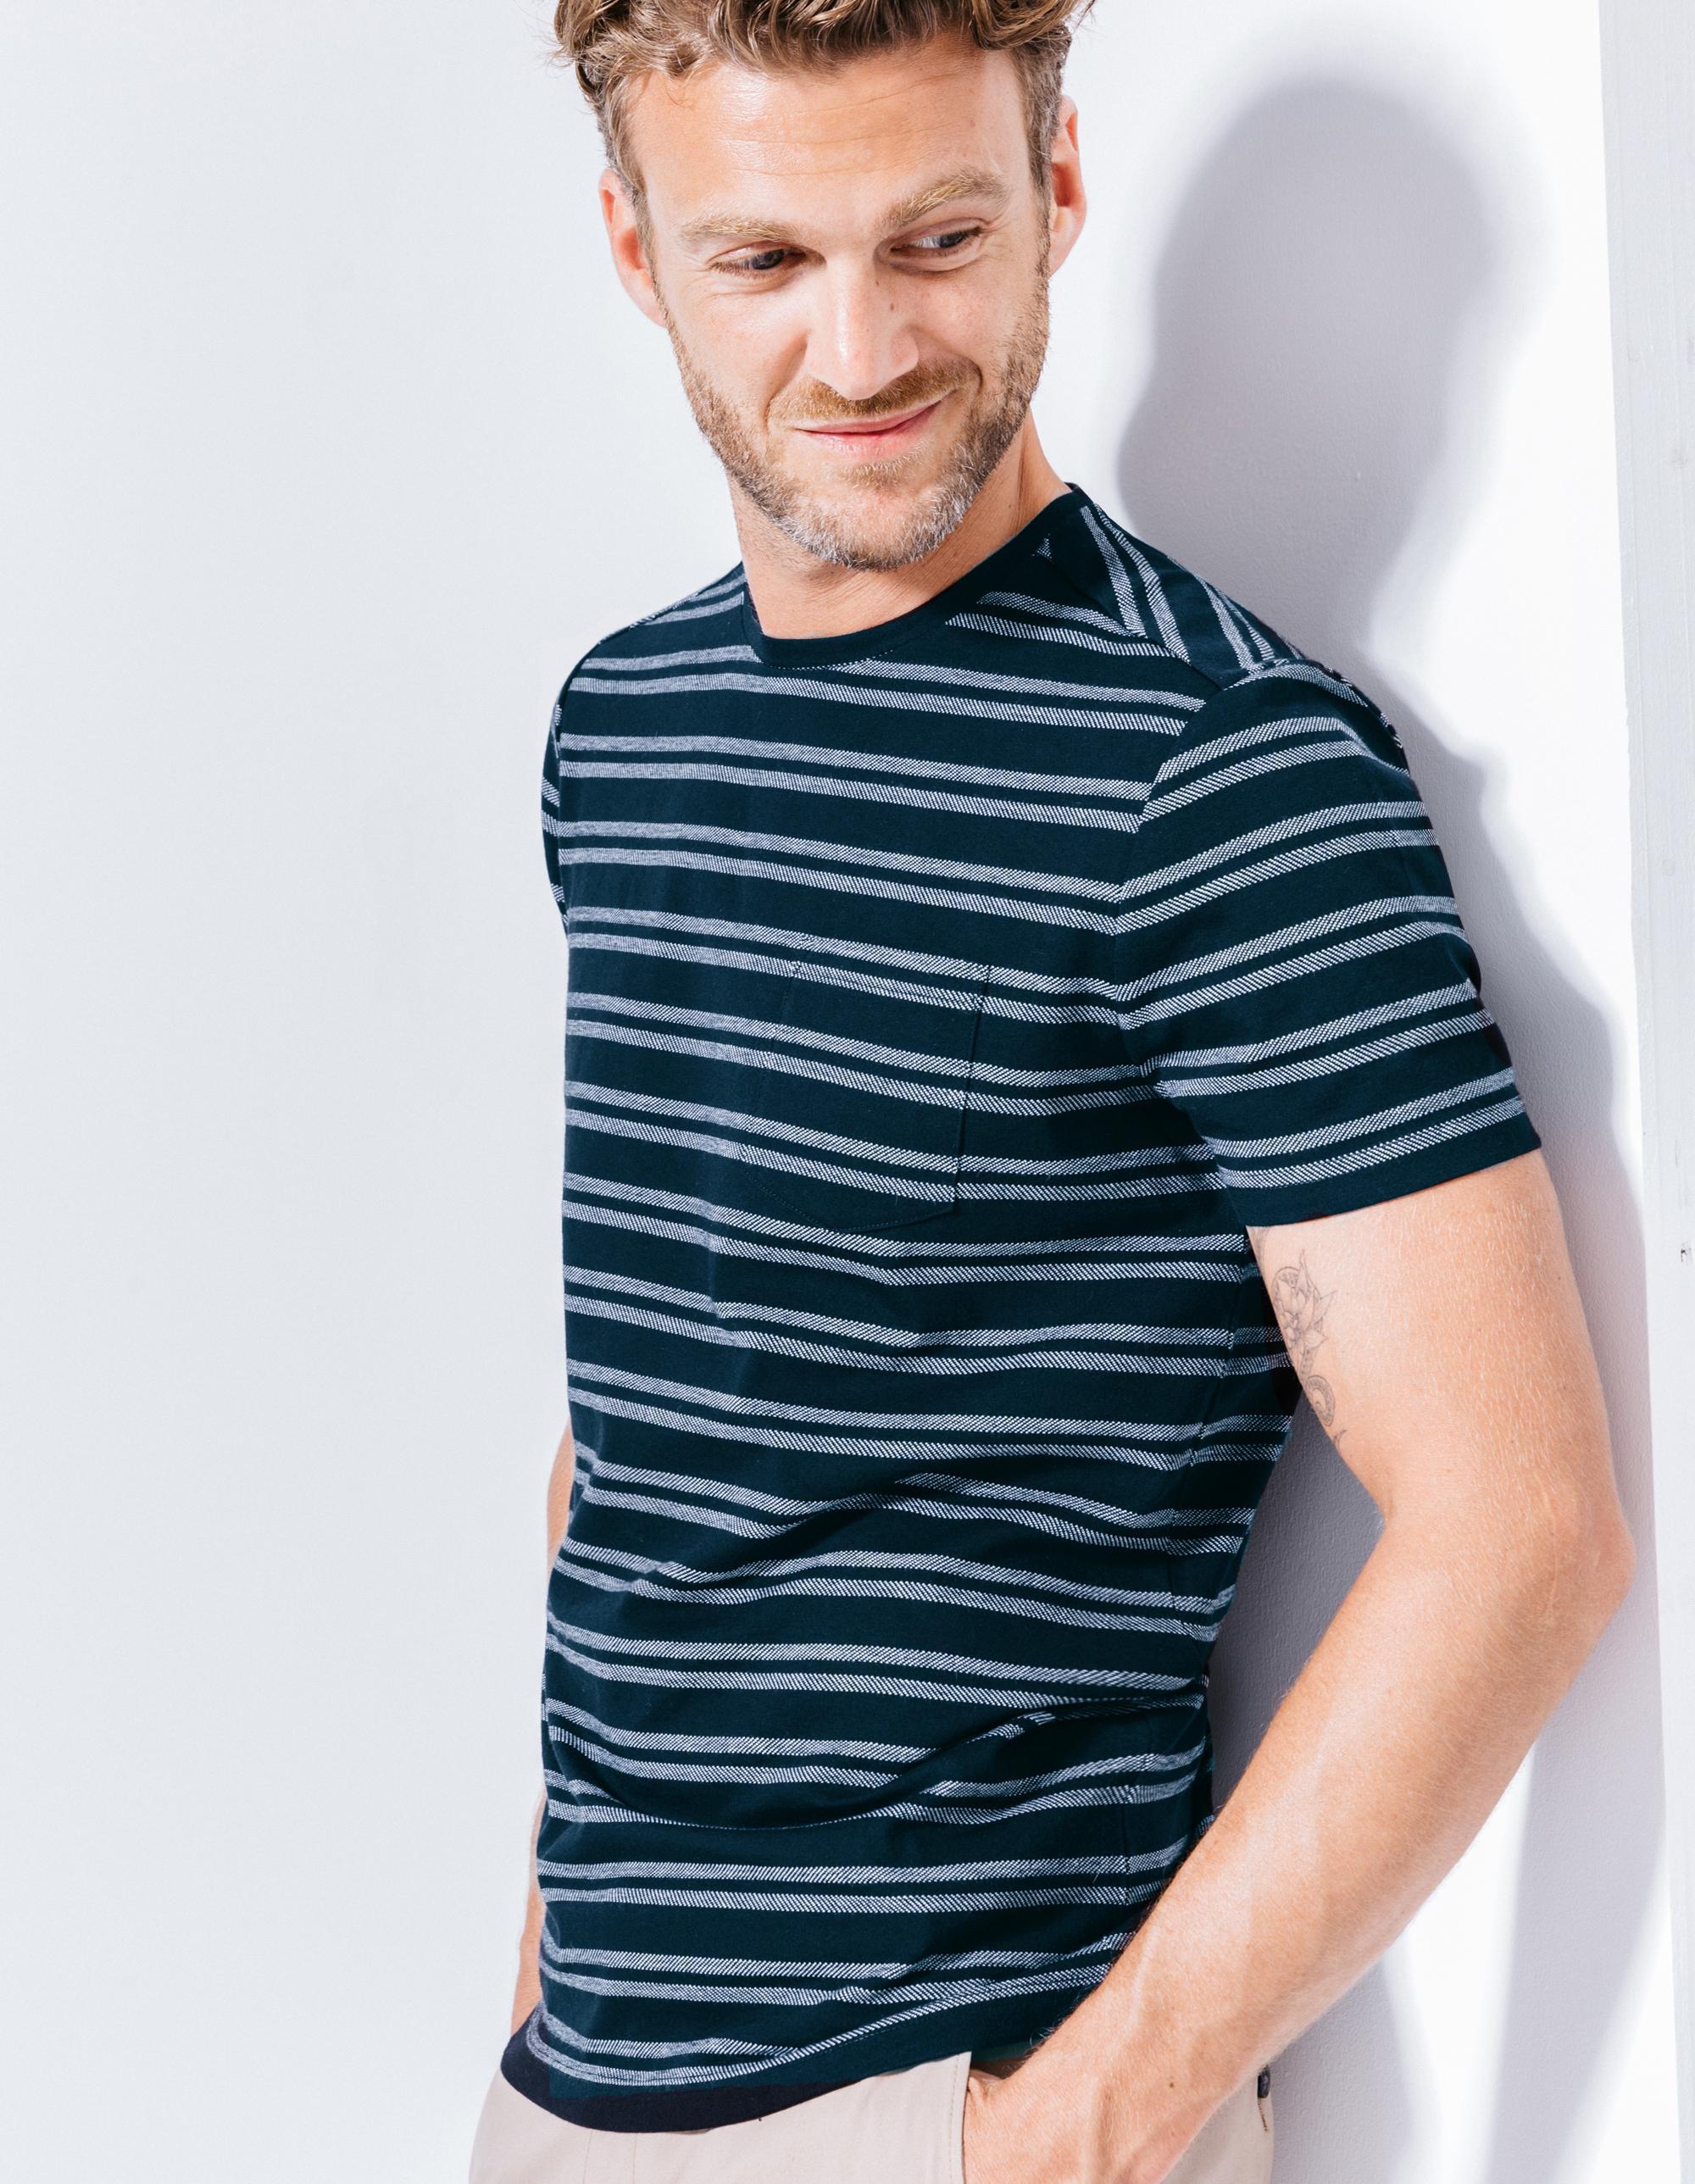 Jusqu'à 50% de réduction sur une sélection de vêtements - Ex : Tee-shirt manches courtes rayé